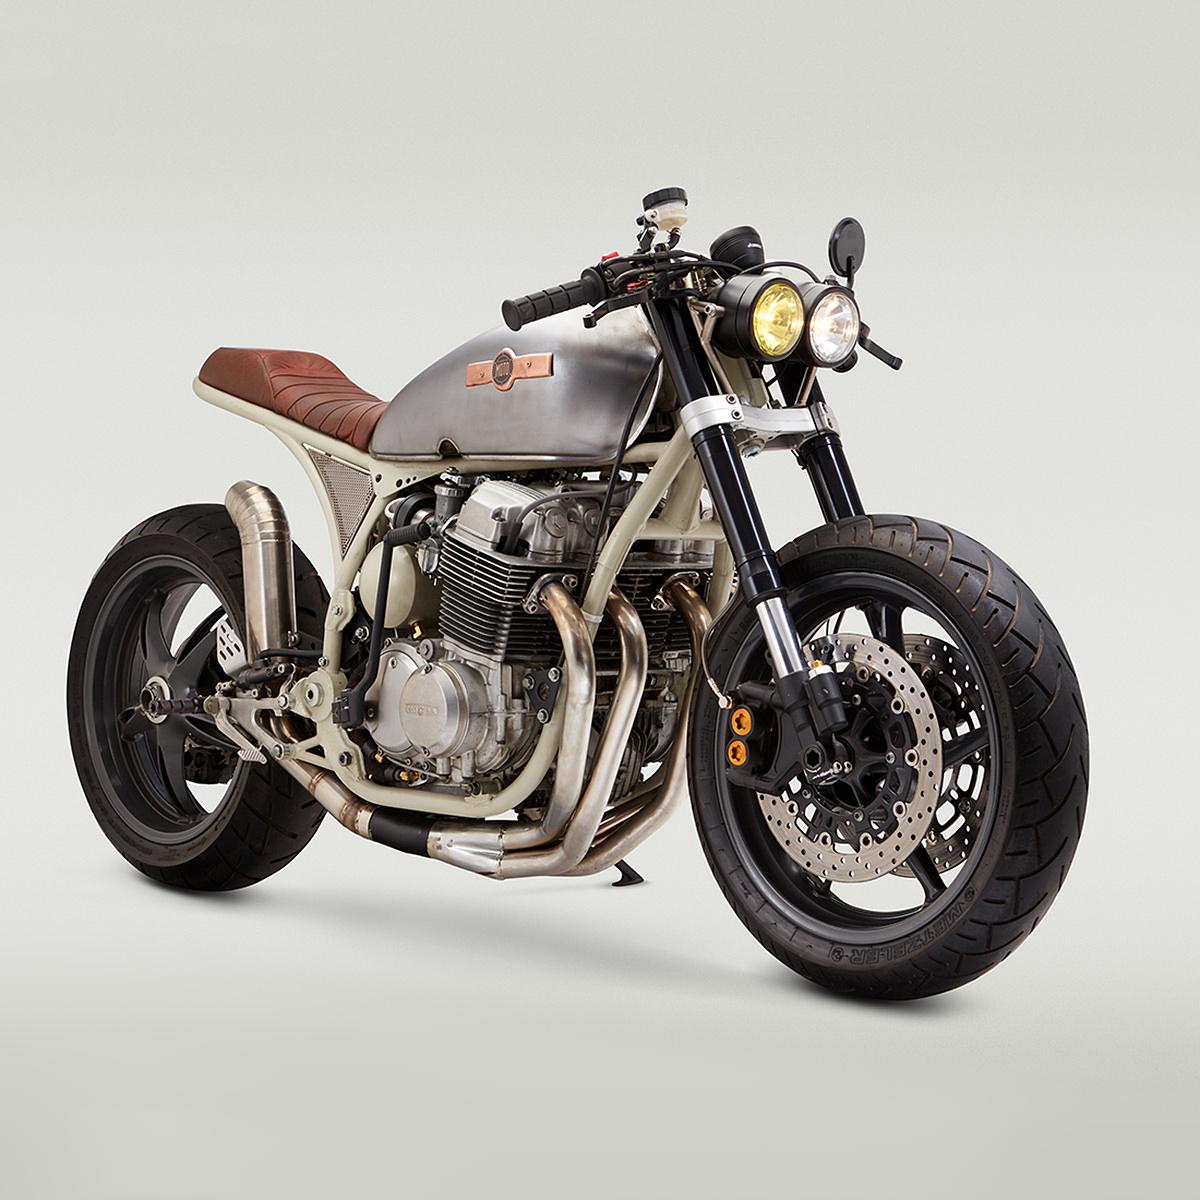 star struck a nasa inspired honda cb 750 cafe racer bike exif. Black Bedroom Furniture Sets. Home Design Ideas